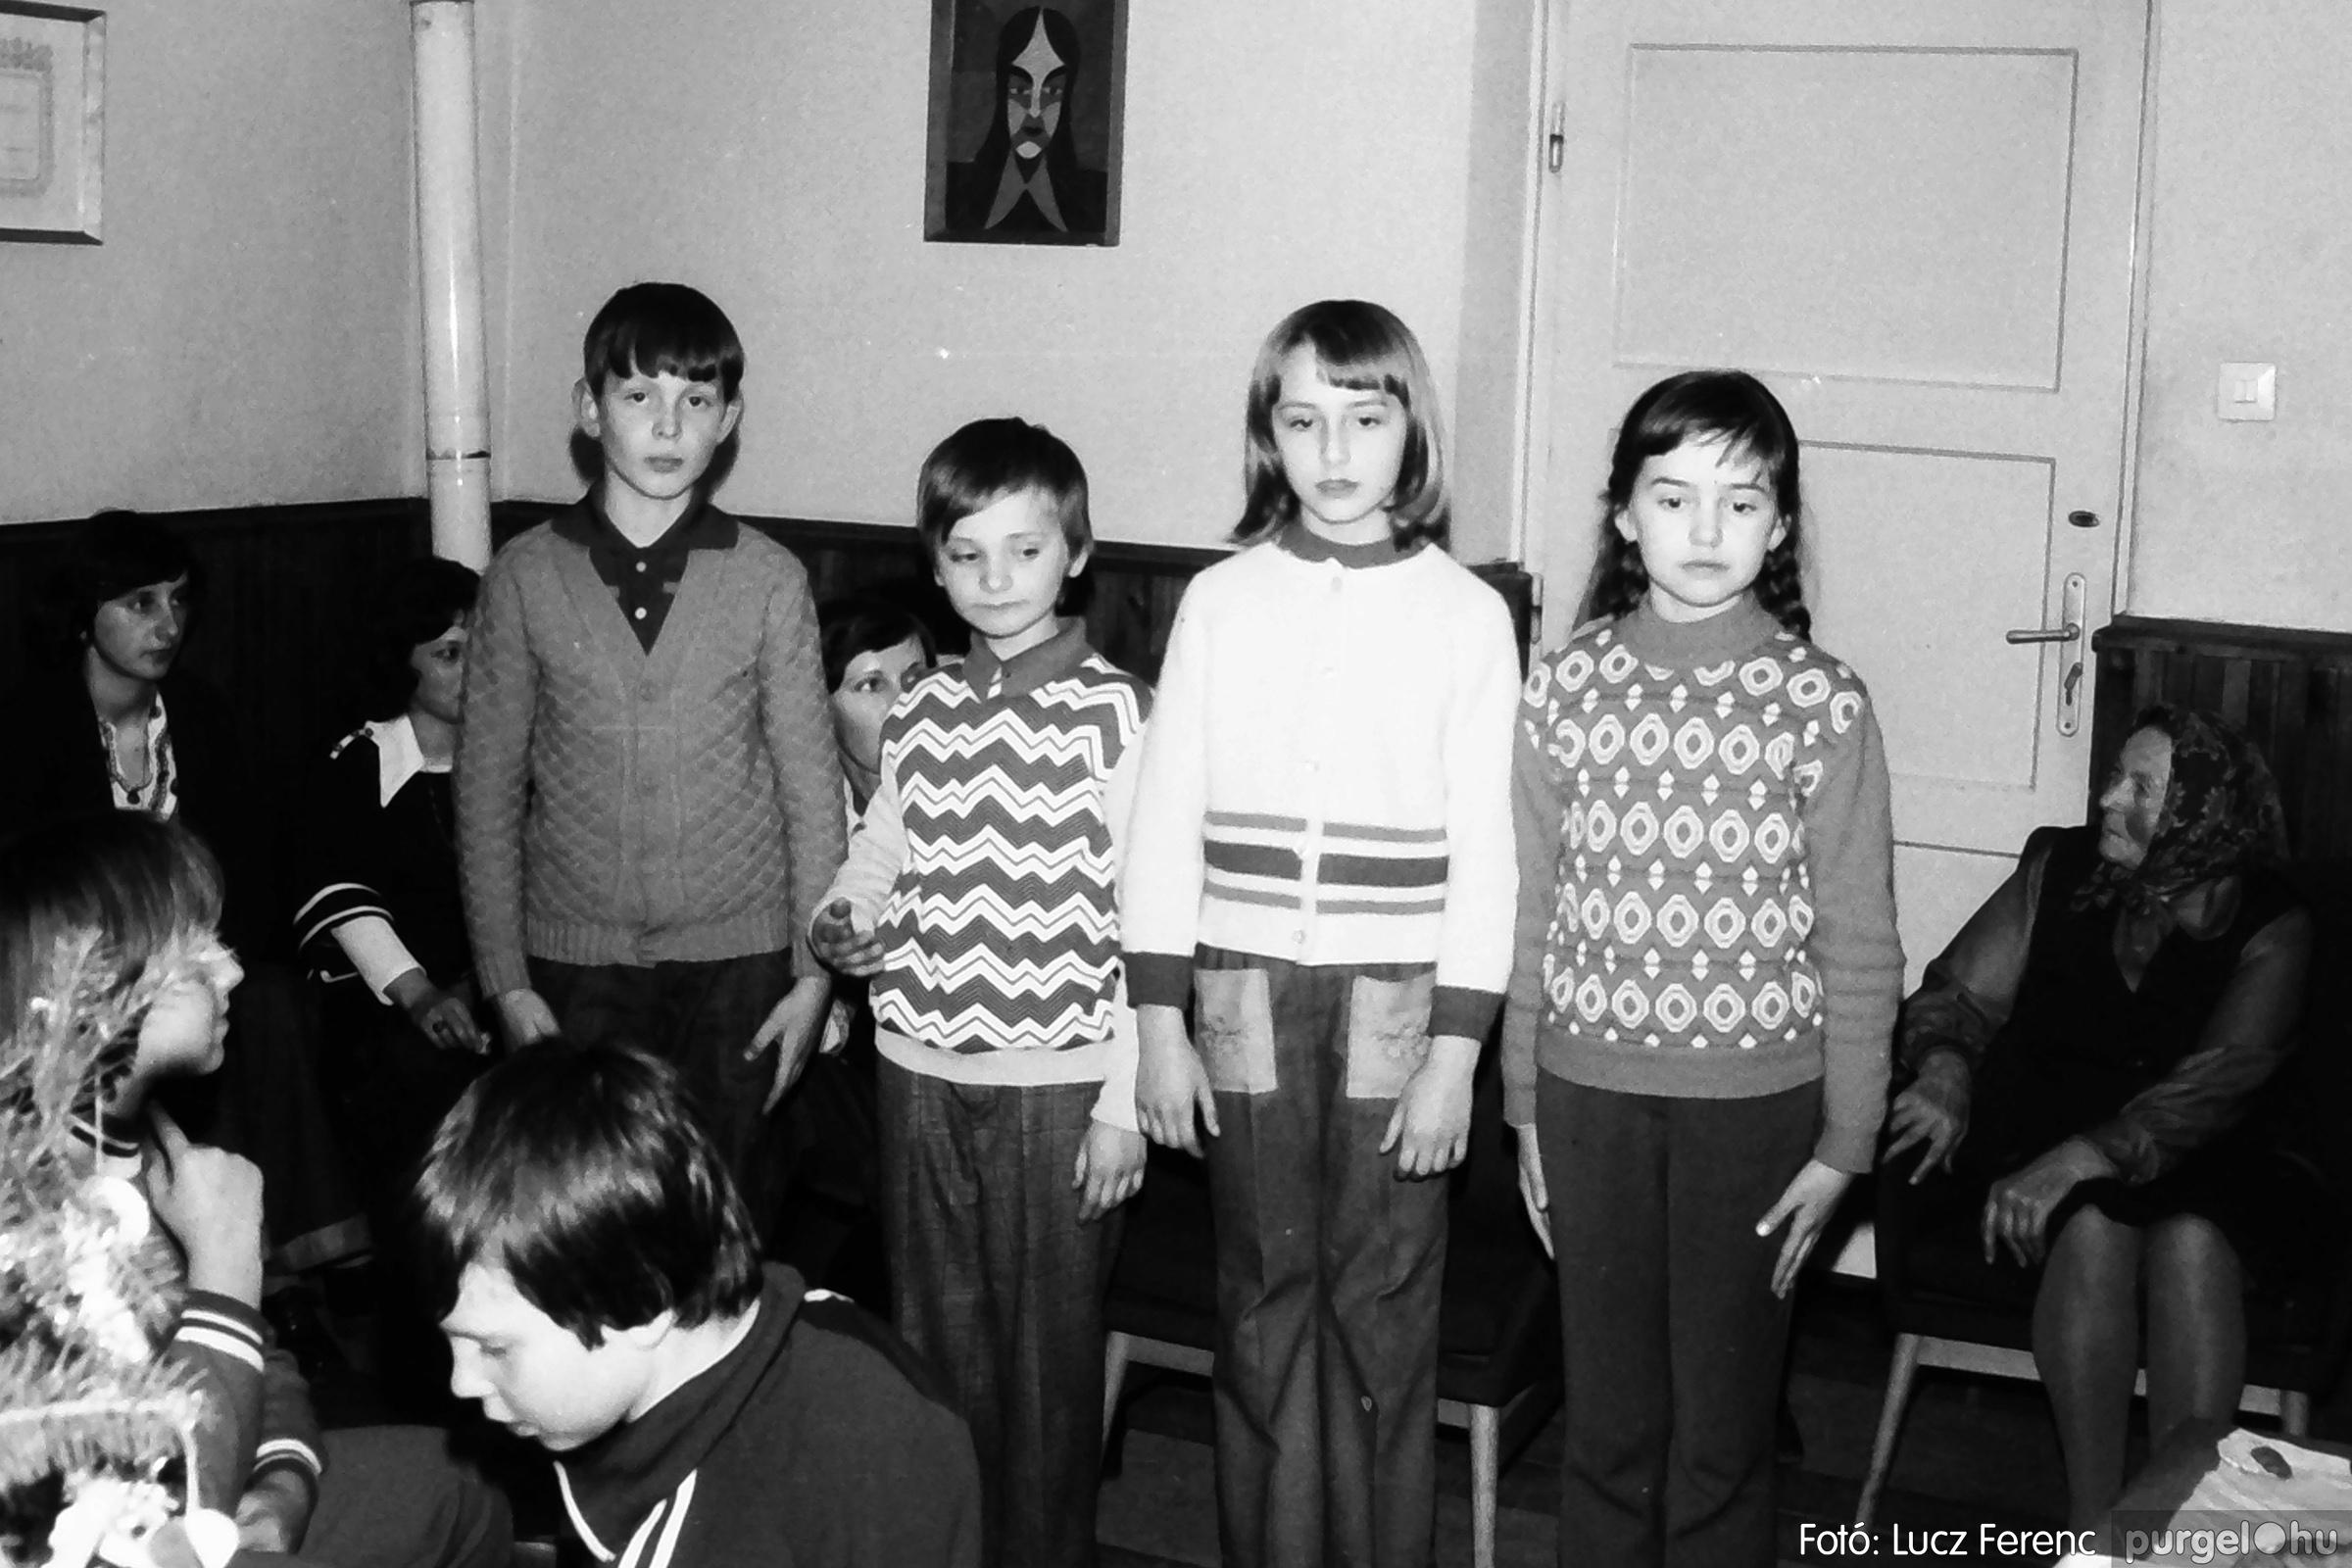 096. 1977. Karácsonyi összejövetel a kultúrházban 014. - Fotó: Lucz Ferenc.jpg